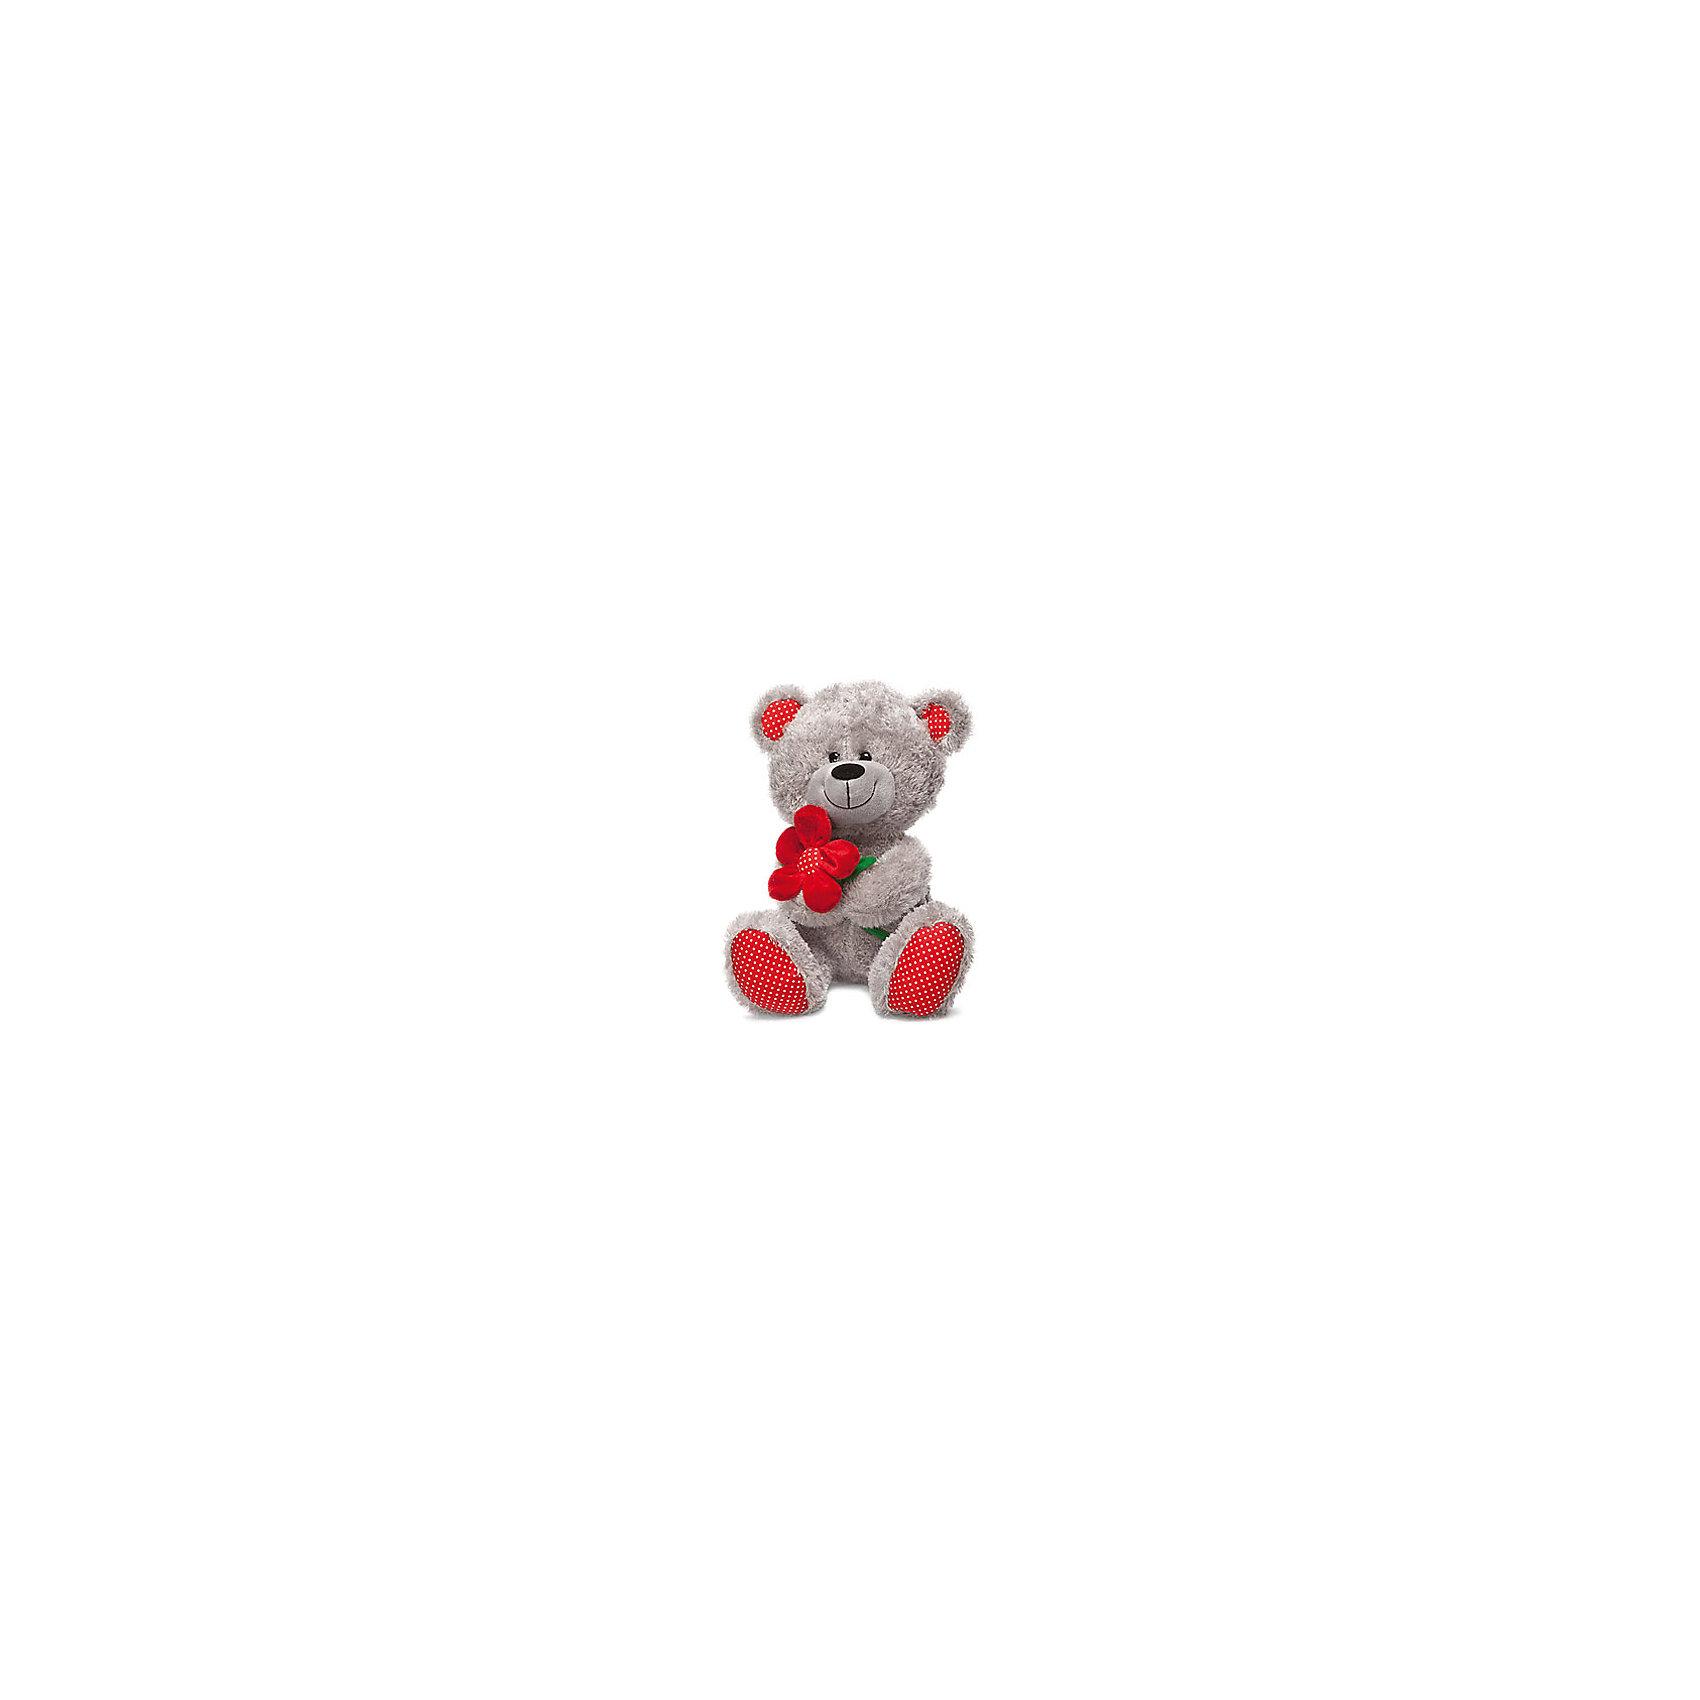 LAVA Медведь с красным цветком, 28 см., LAVA lava медвежонок с нарциссом музыкальный 20см lava